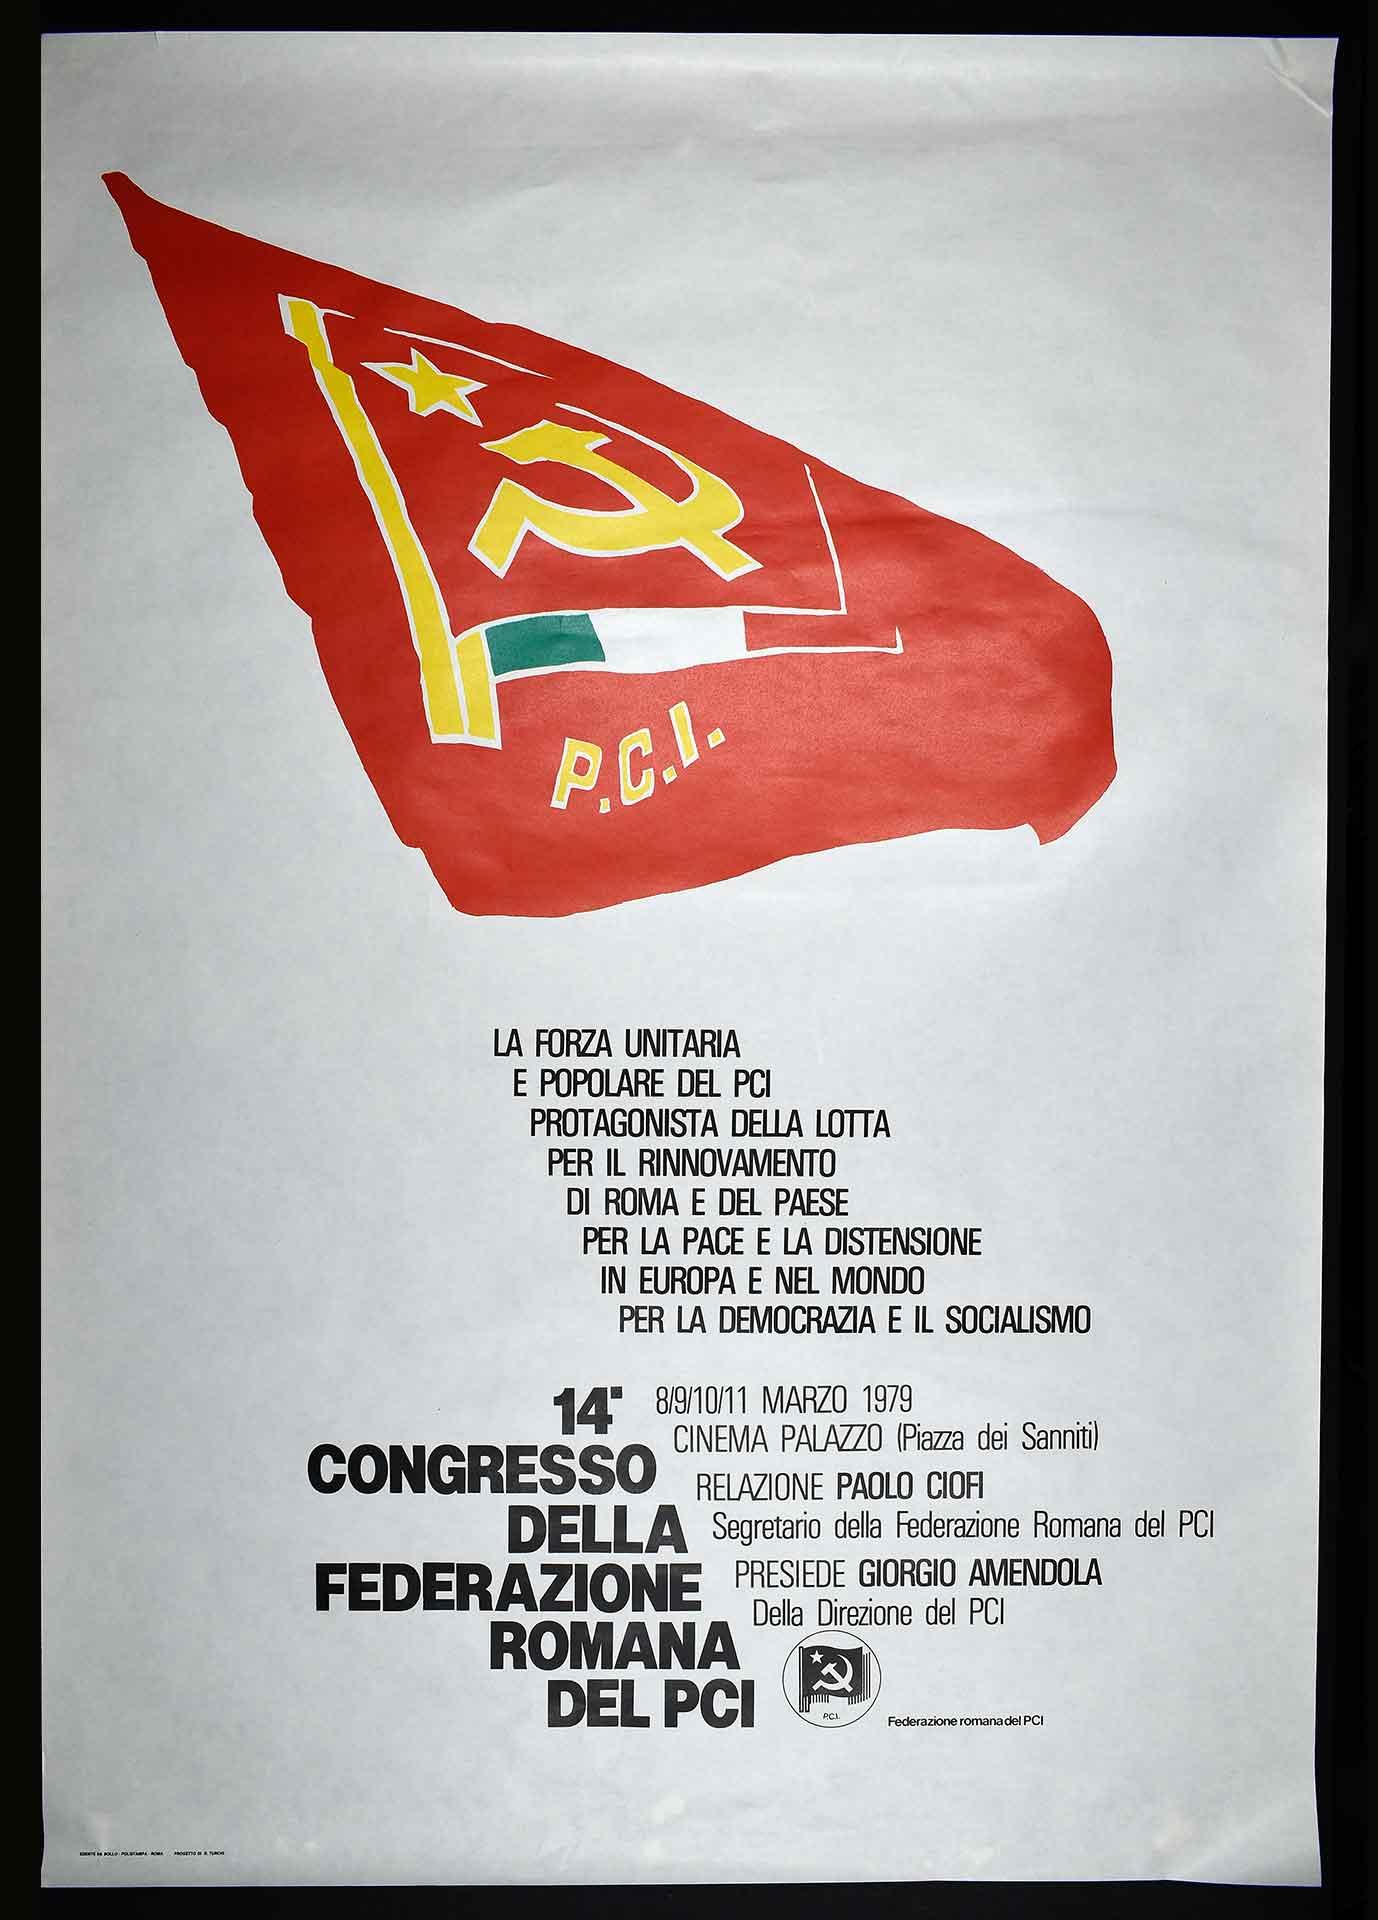 Federazione romana del Partito comunista italiano (PCI). Stampa Polistampa, Roma. Progetto di D. Turchi. Comunicazione di partito.